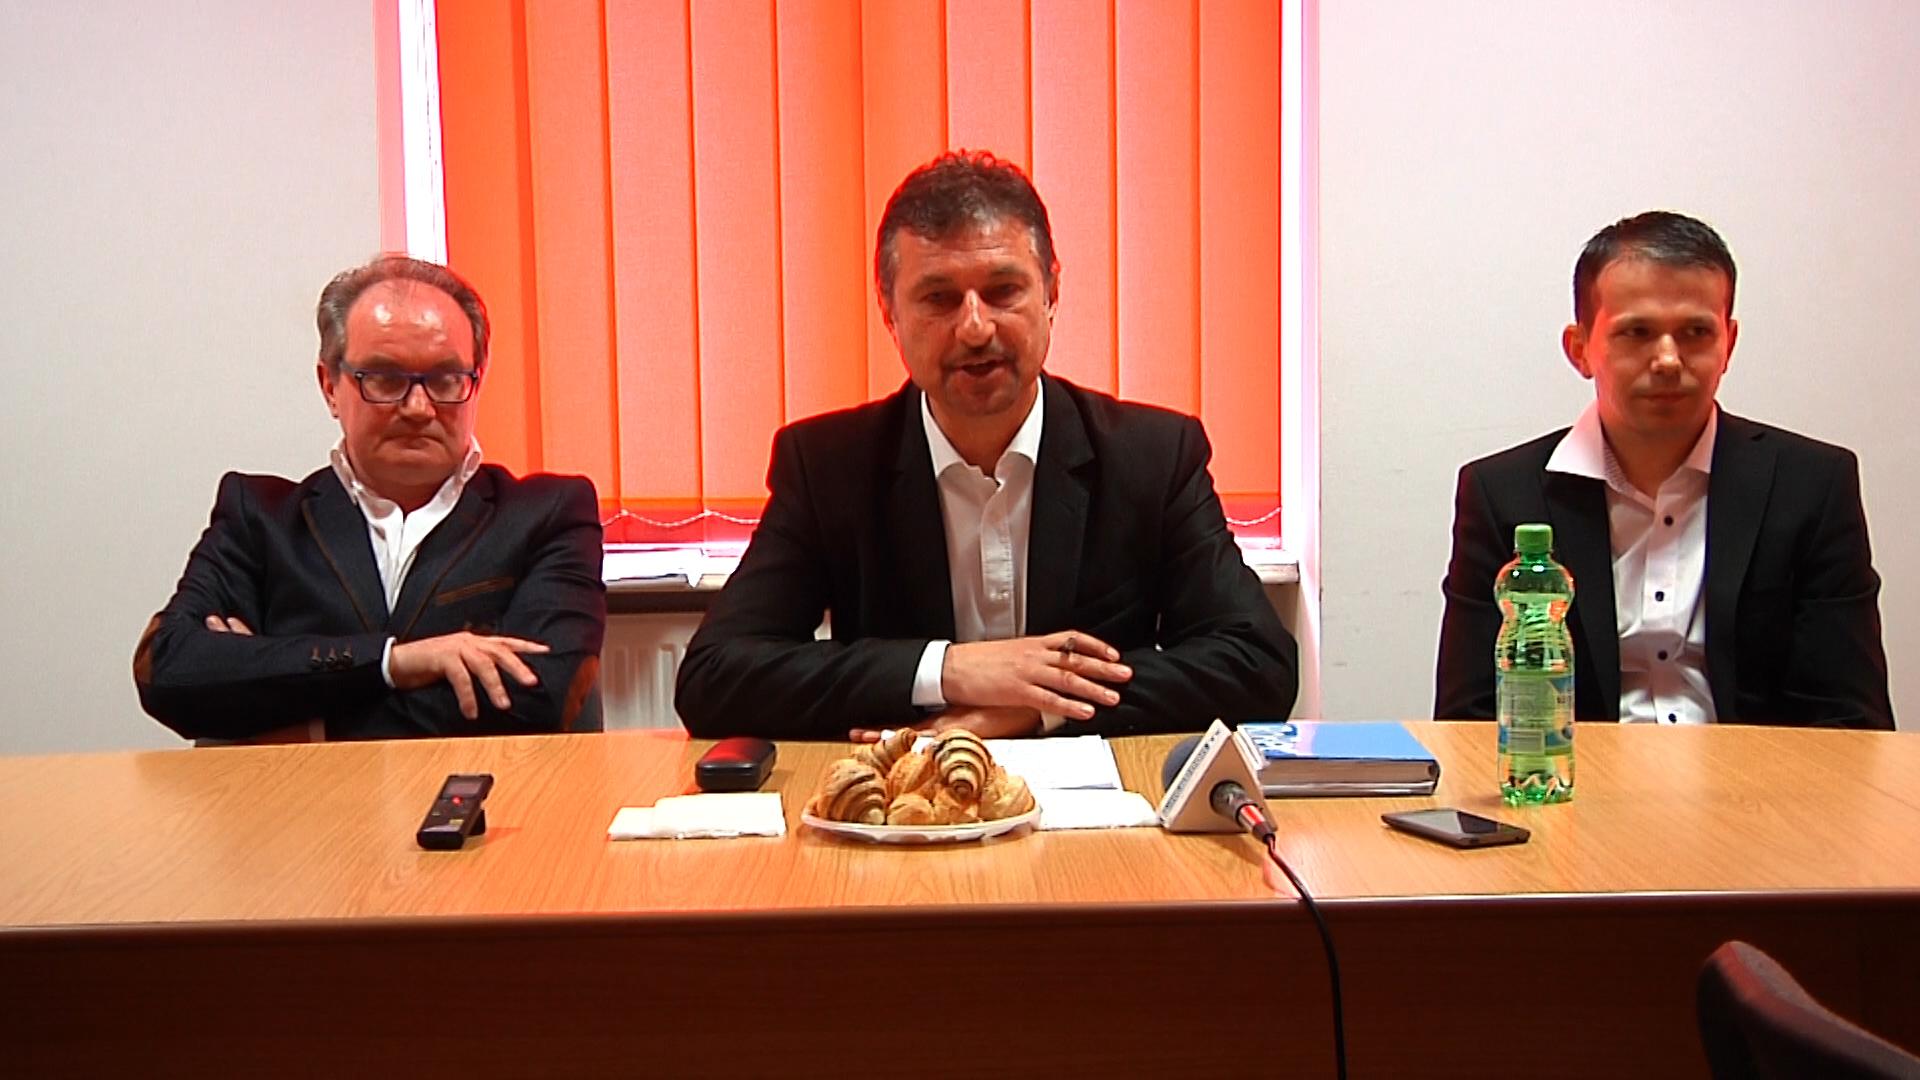 Dan Bobouţanu (în centrul imaginii) a fost nevoit să-l promoveze pe lista PSD pe Raul Scurtu (în dreapta), în locul omului de afaceri italian (în stânga imaginii)